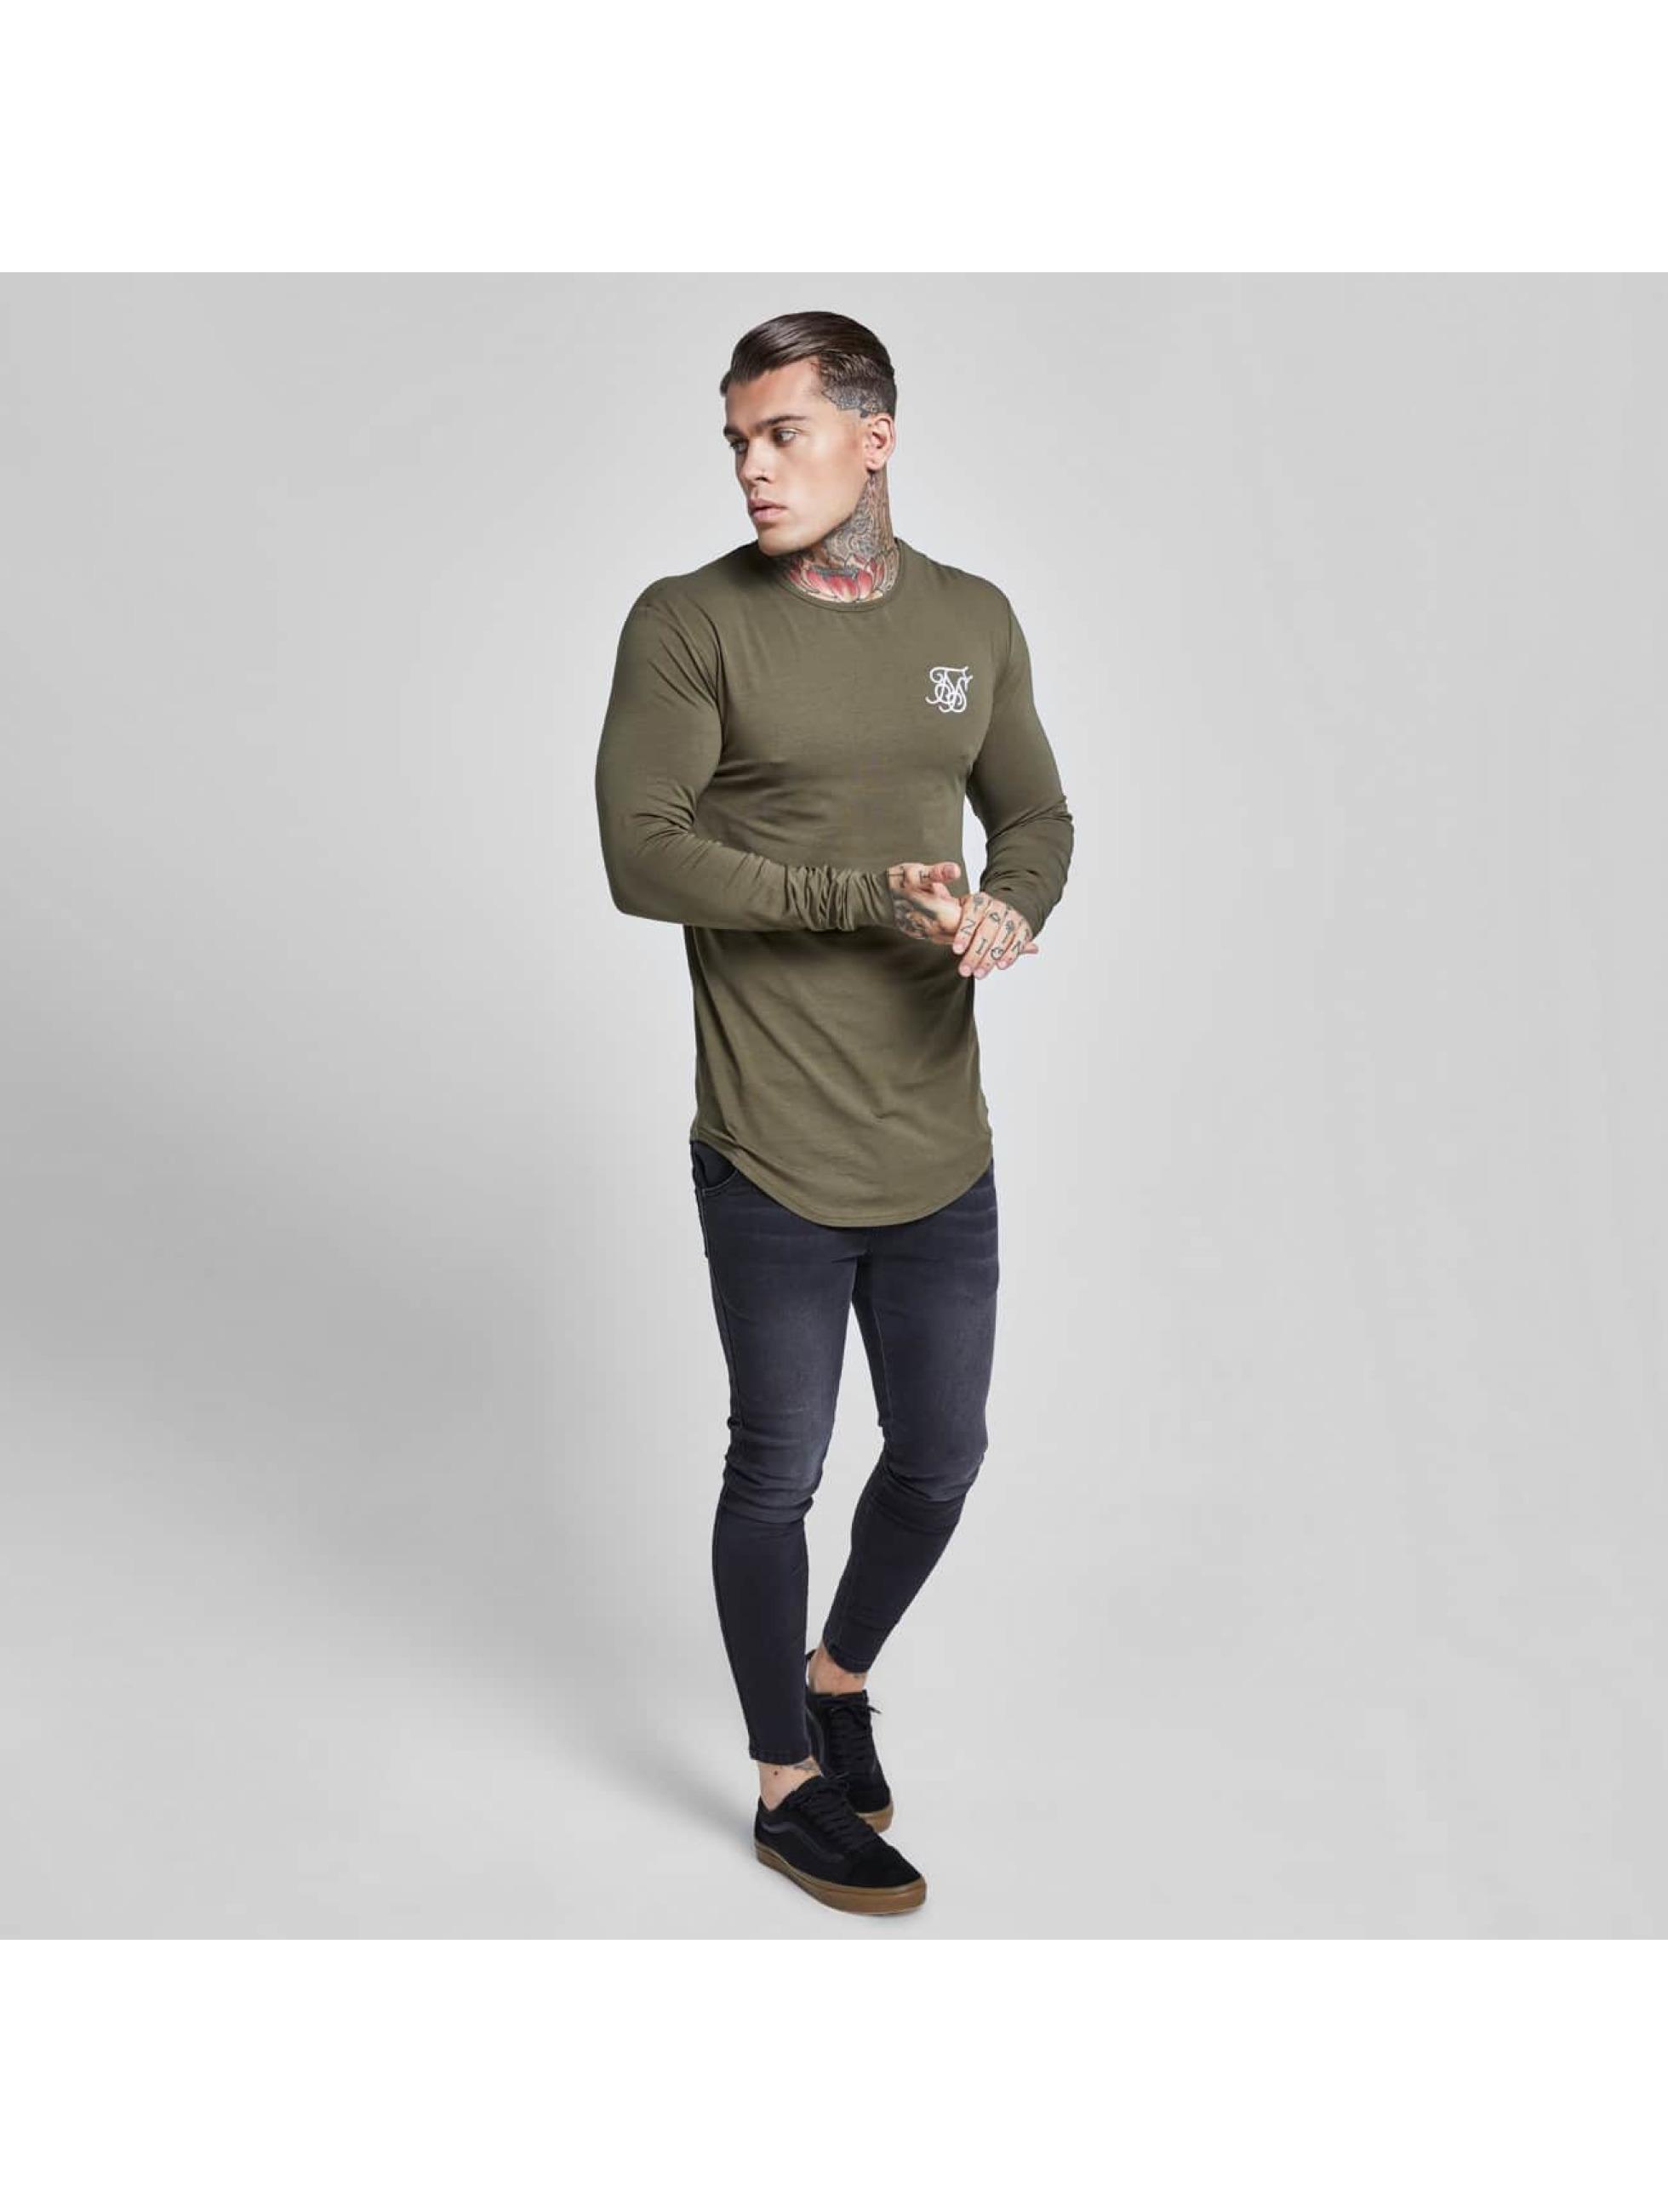 Sik Silk Pitkähihaiset paidat Gym khakiruskea